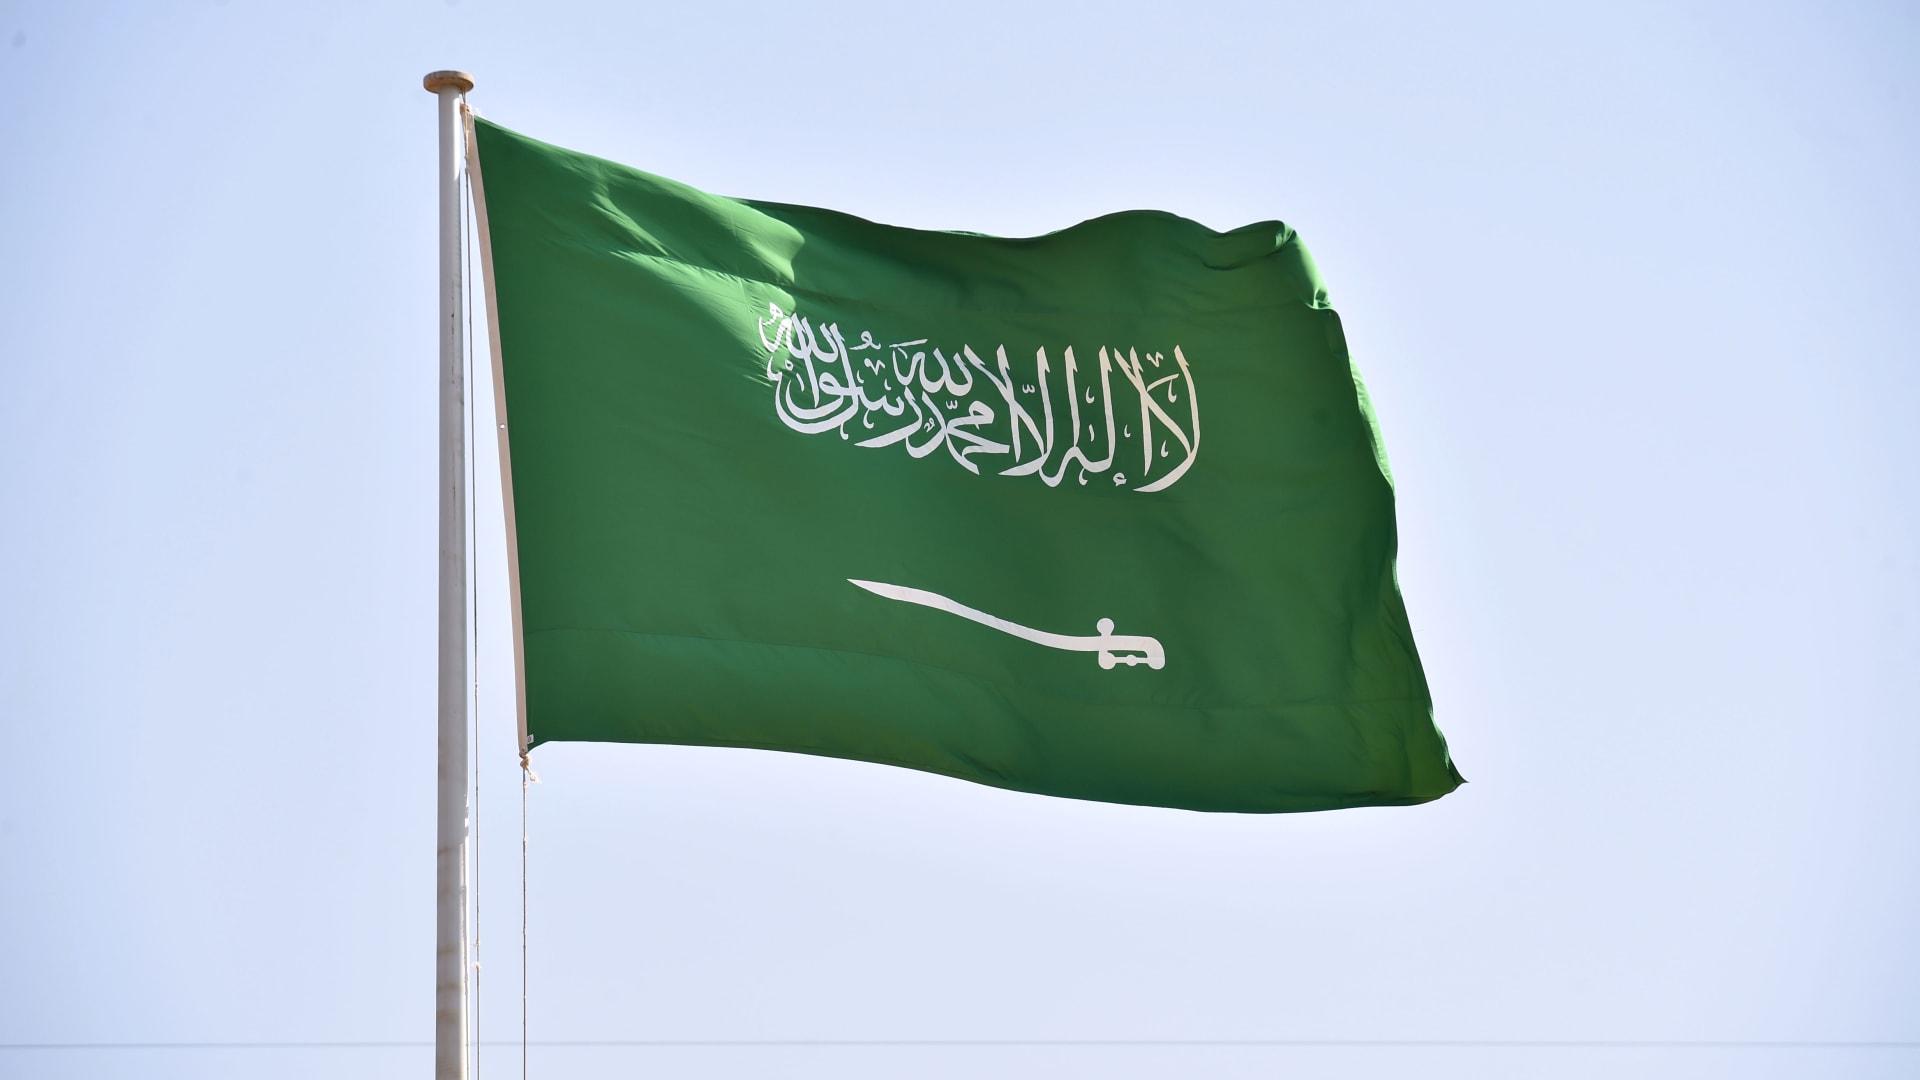 السعودية في الصدارة.. هذه أقوى الاقتصادات العربية لعام 2021